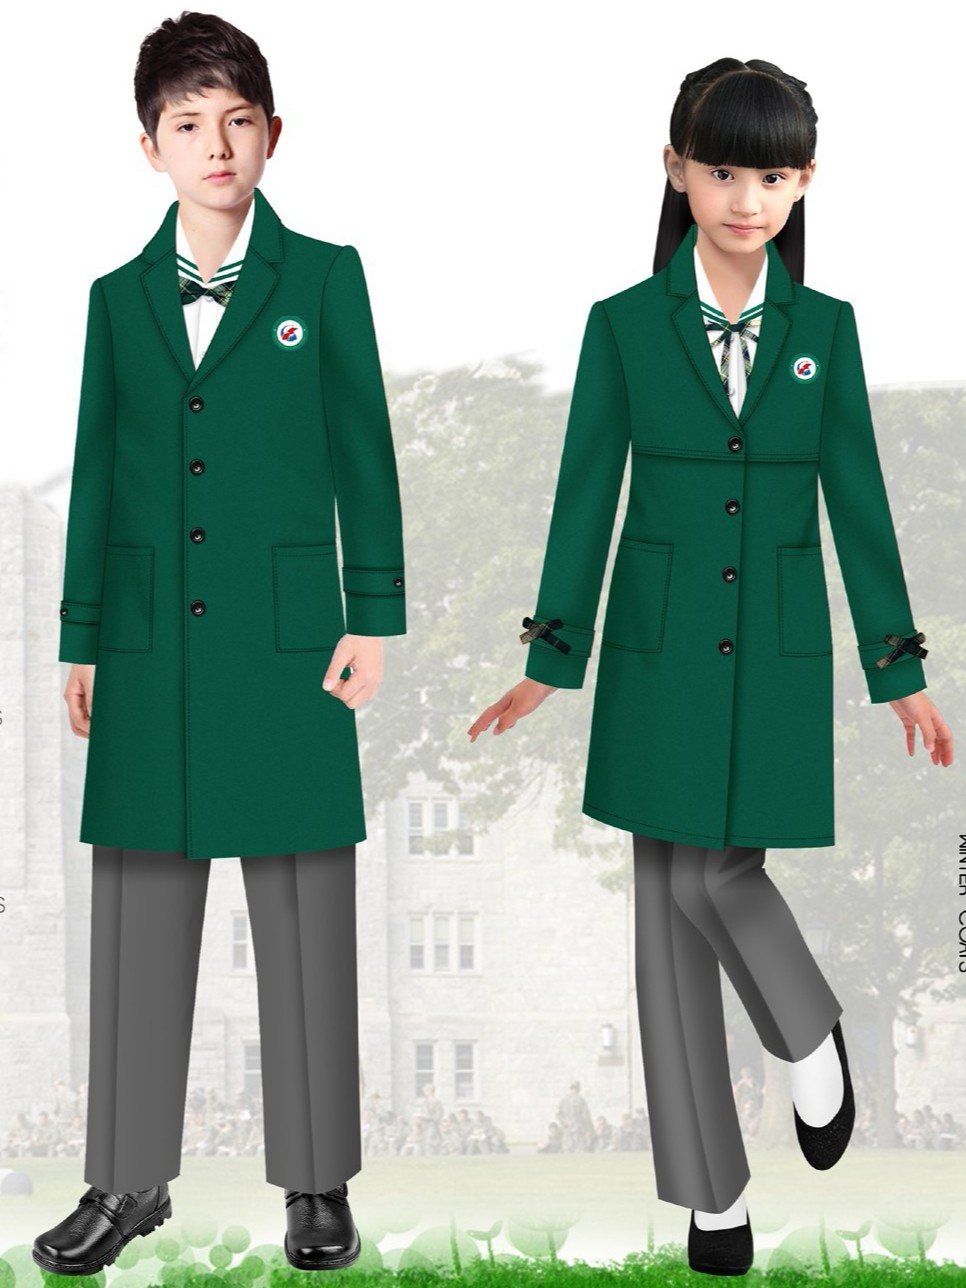 小学生校服冬季  实验小学的校服  小学校服冬装